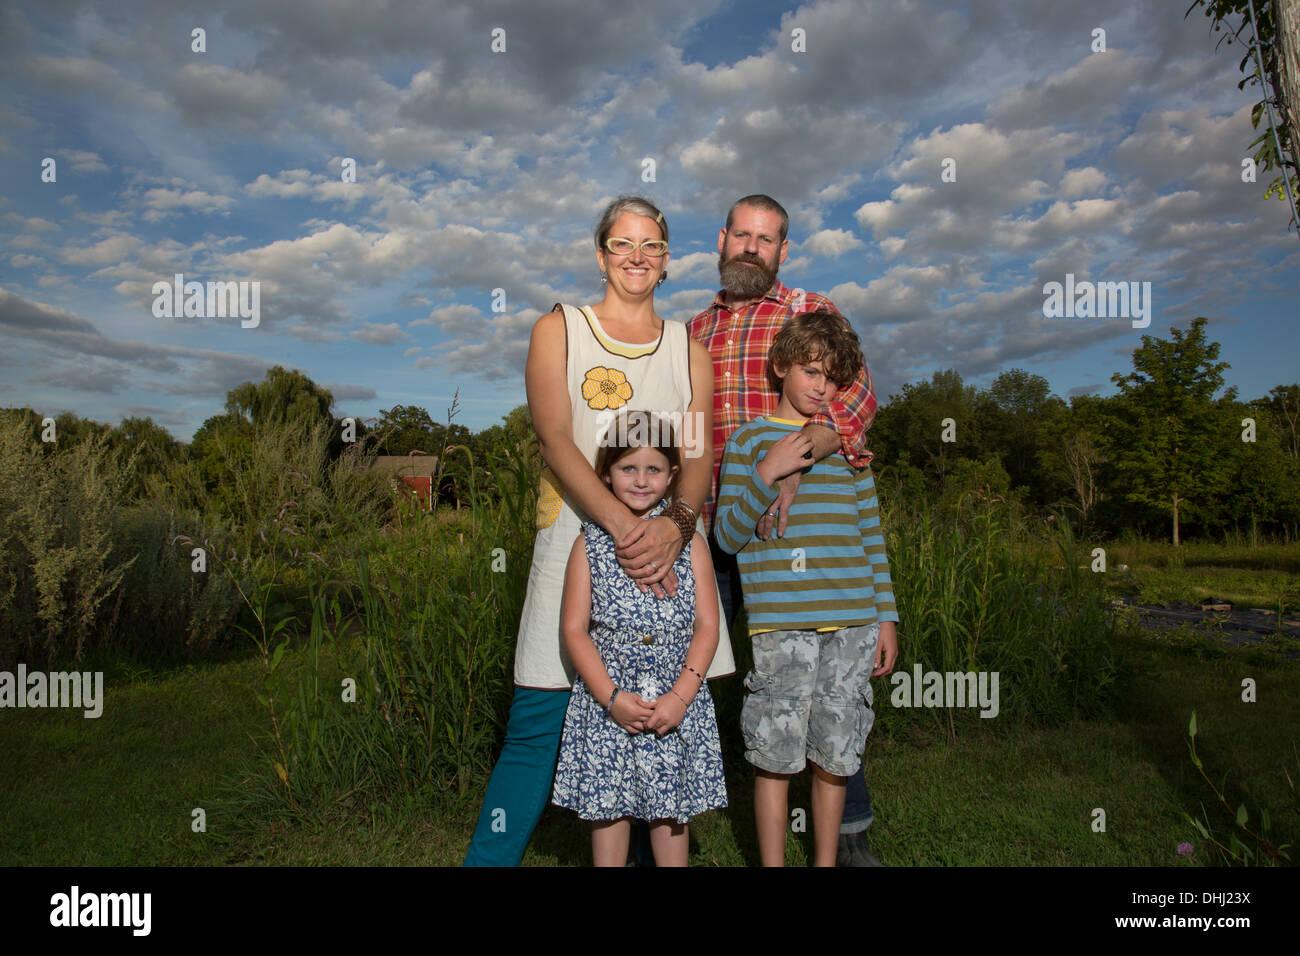 Porträt des Paares mit Kindern am Bauernhof der Familie Kraut Stockbild